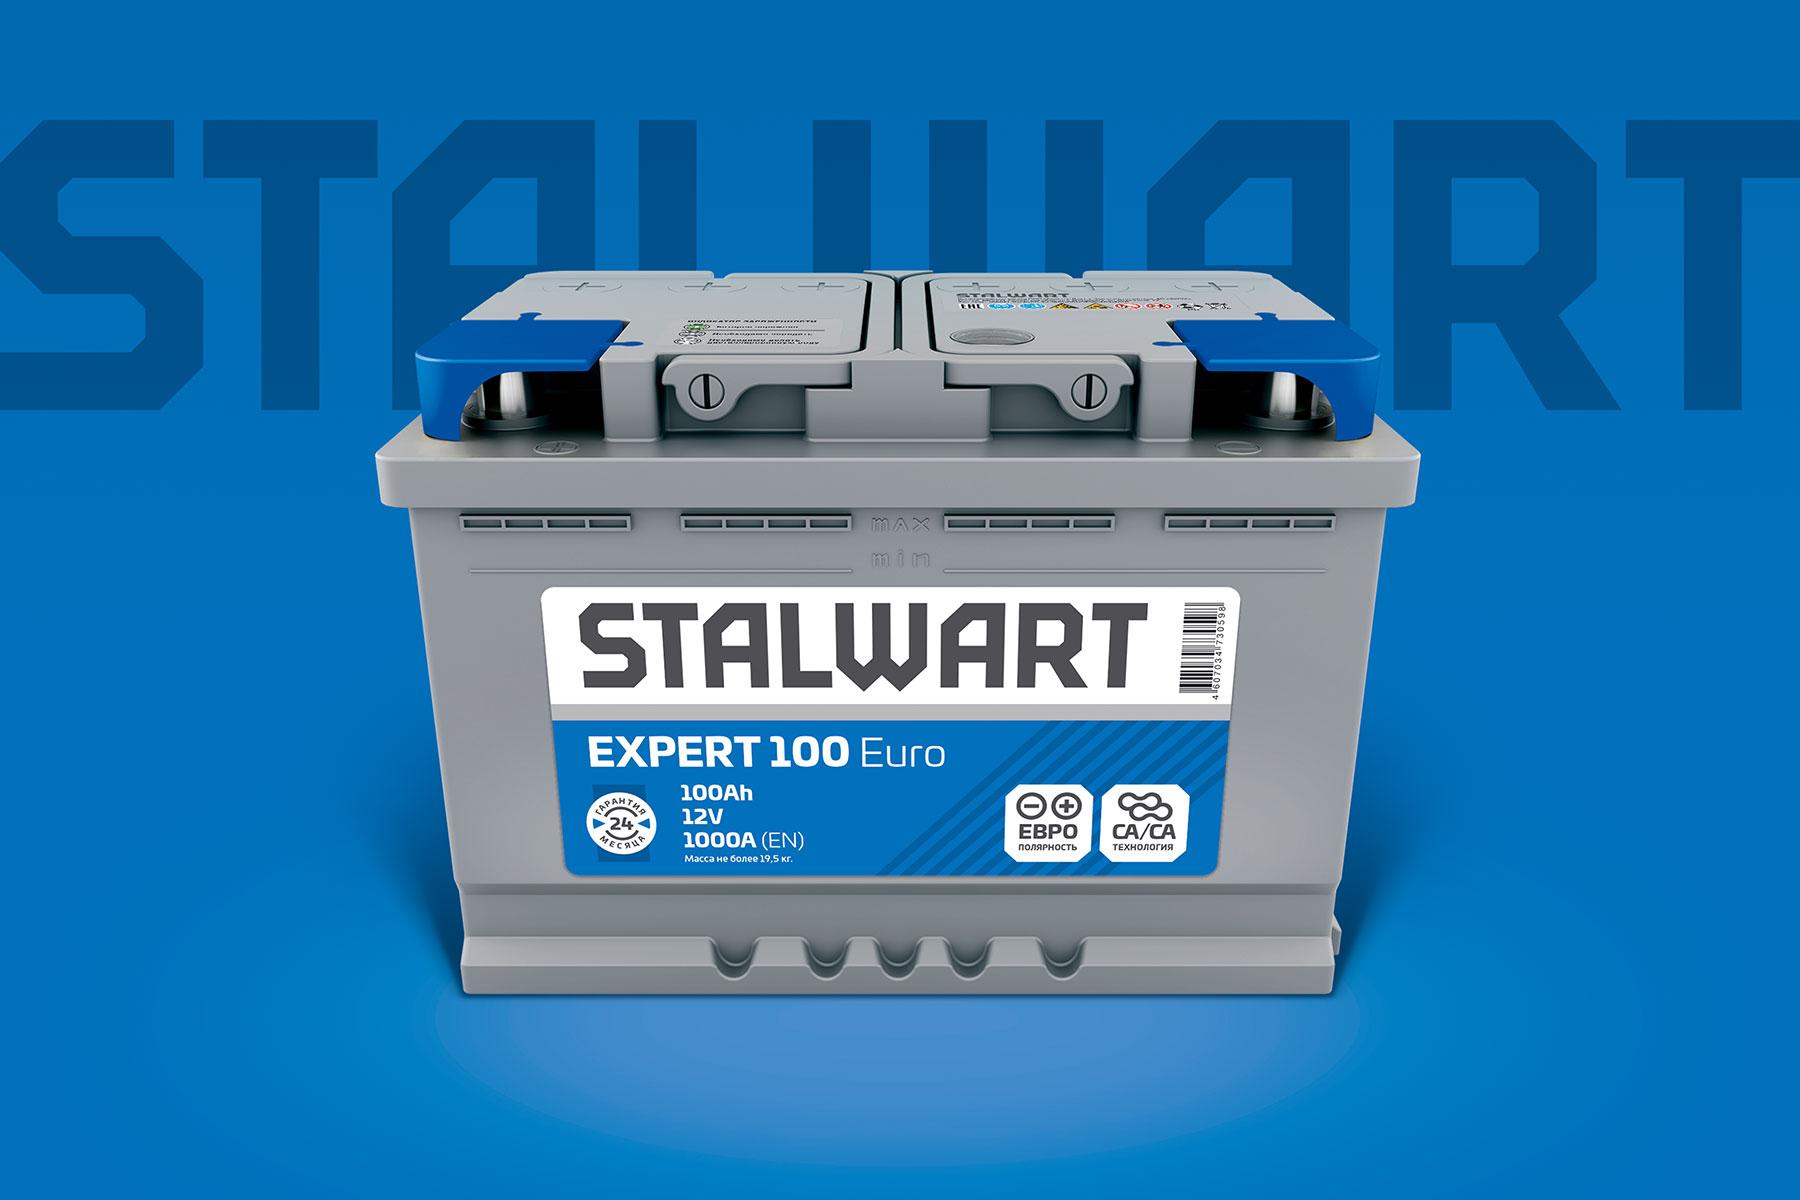 Stalwart-3-Expert-Front-1.jpg